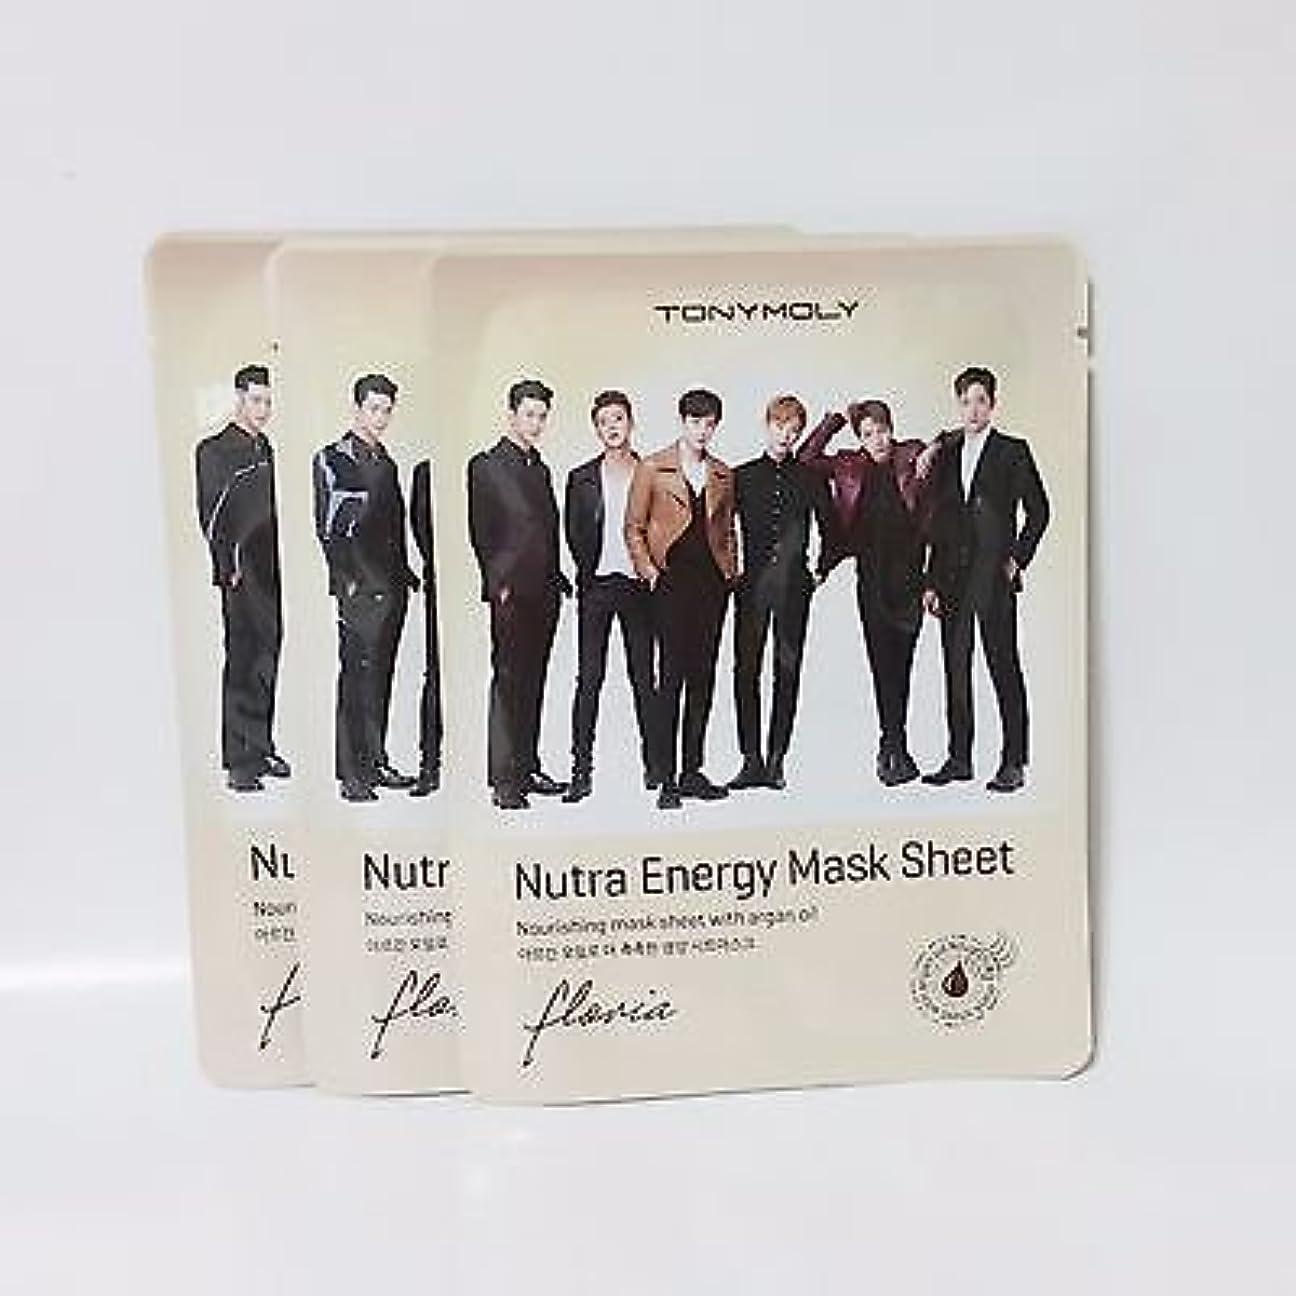 下手補充見ましたTONY MOLY トニーモリー ニュートラ エナジーマスクシート NUTRA-ENERGY MASK SHEET (20g) [並行輸入品]